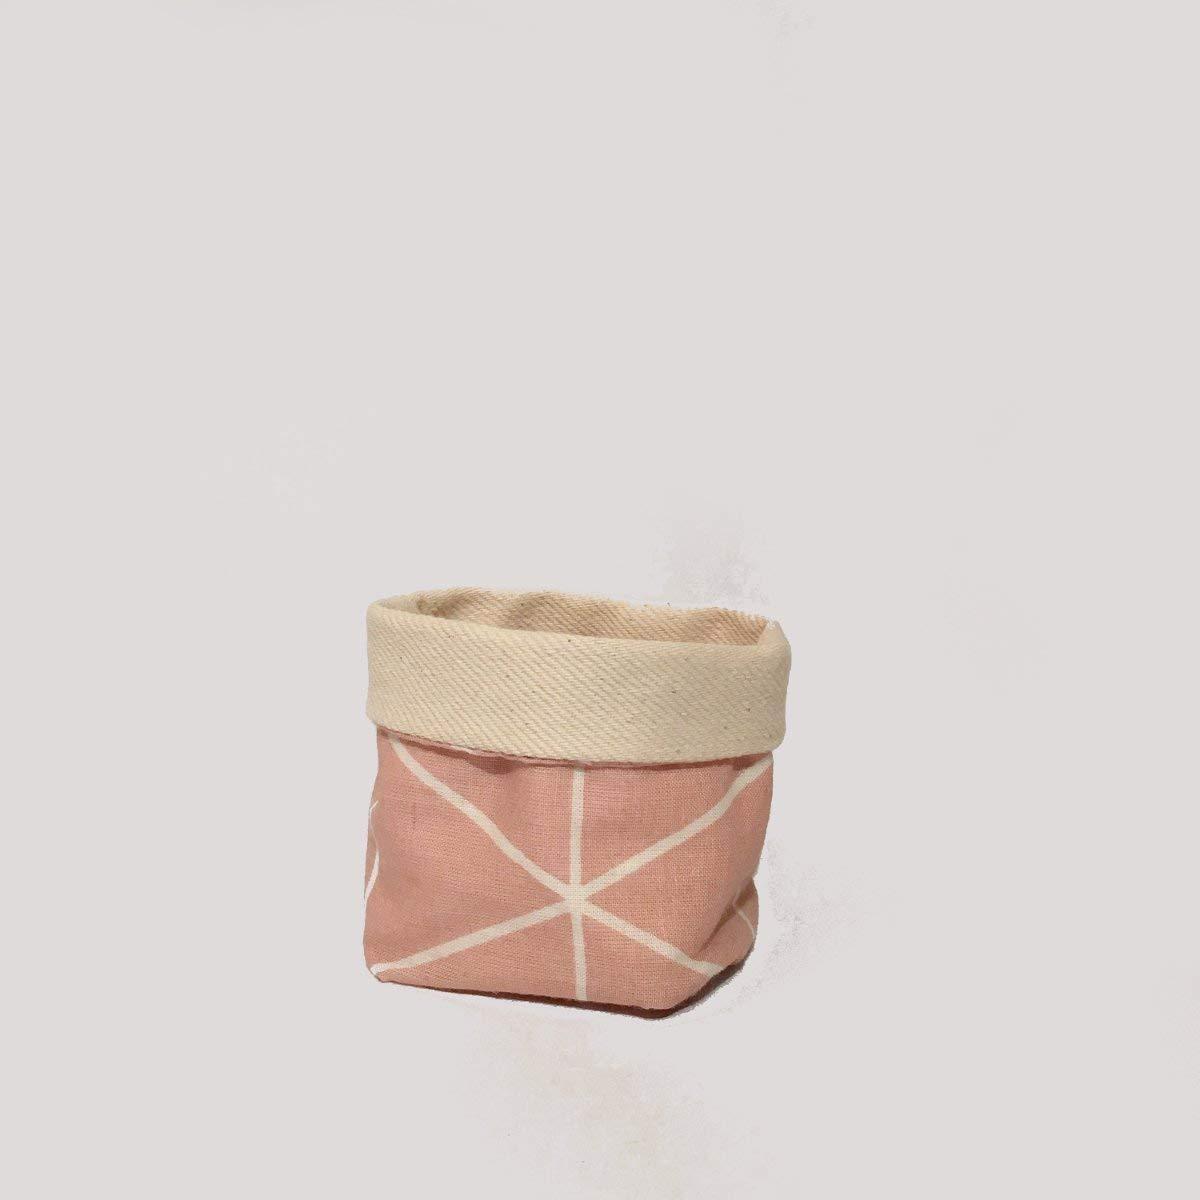 Utensilo Rosa S I Stoff-Körbchen Organizer - Handmade von Nuu Berlin I Aufbewahrungs-Box Für Bad, Schlaf- Und Kinder-Zimmer I 6 x 6 x 9 cm